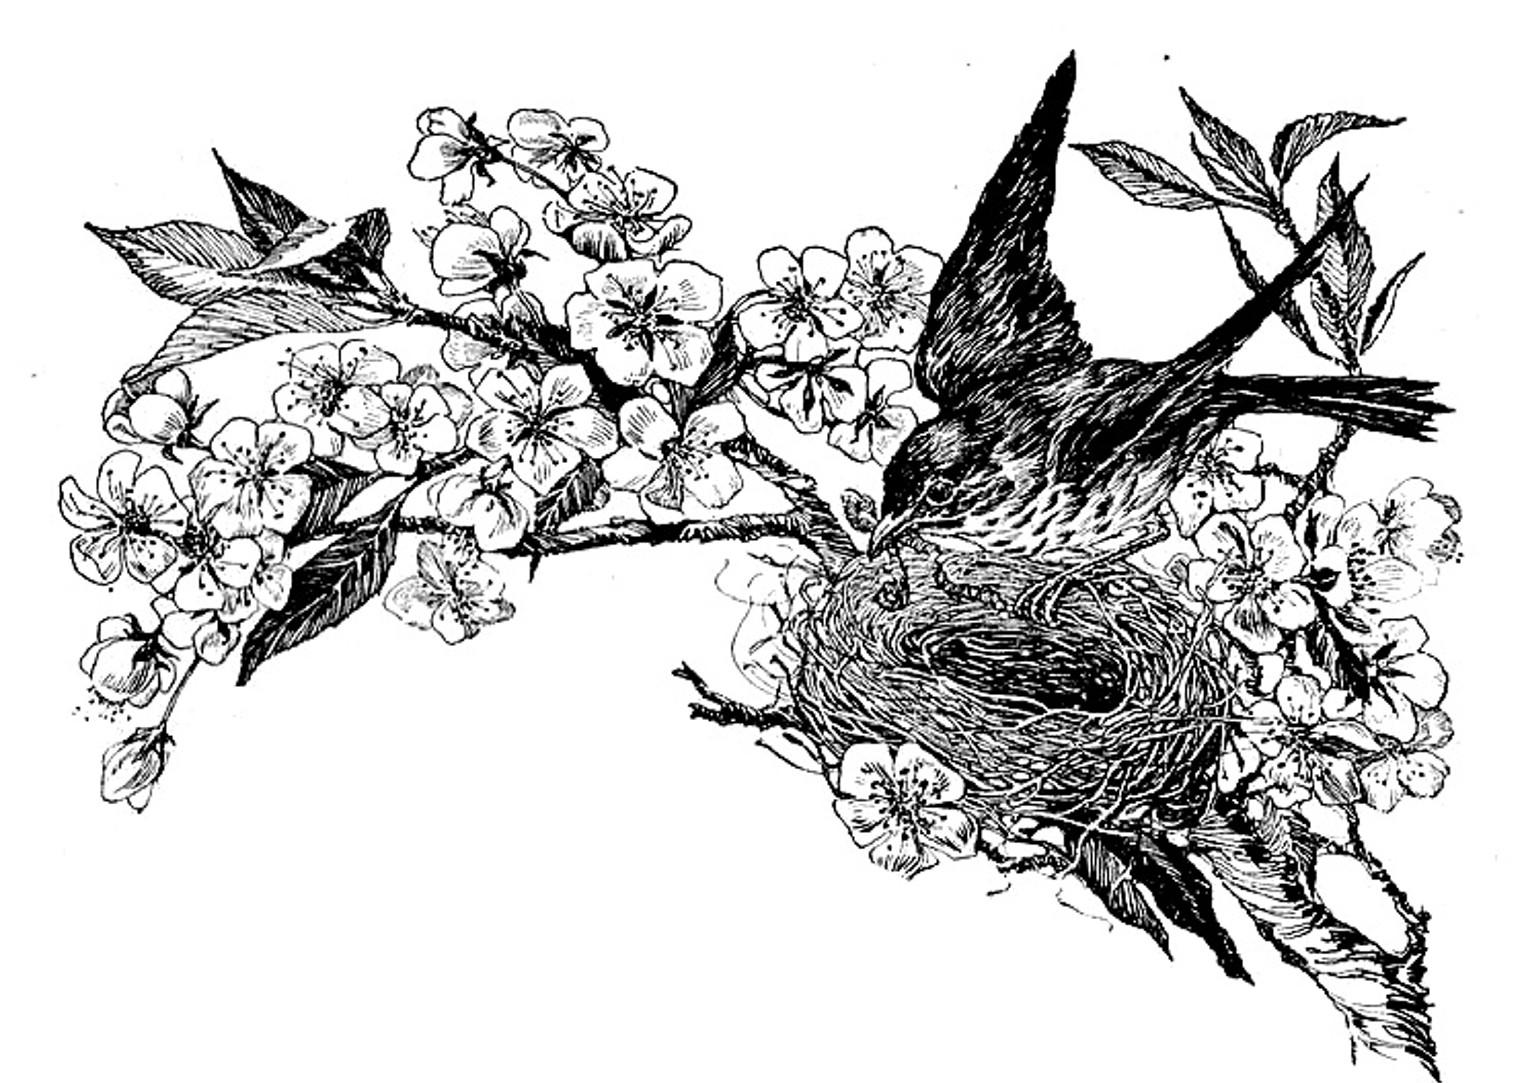 Blue Ridge Corner Images: Black and White Bird's Nest Flower Clip art ...